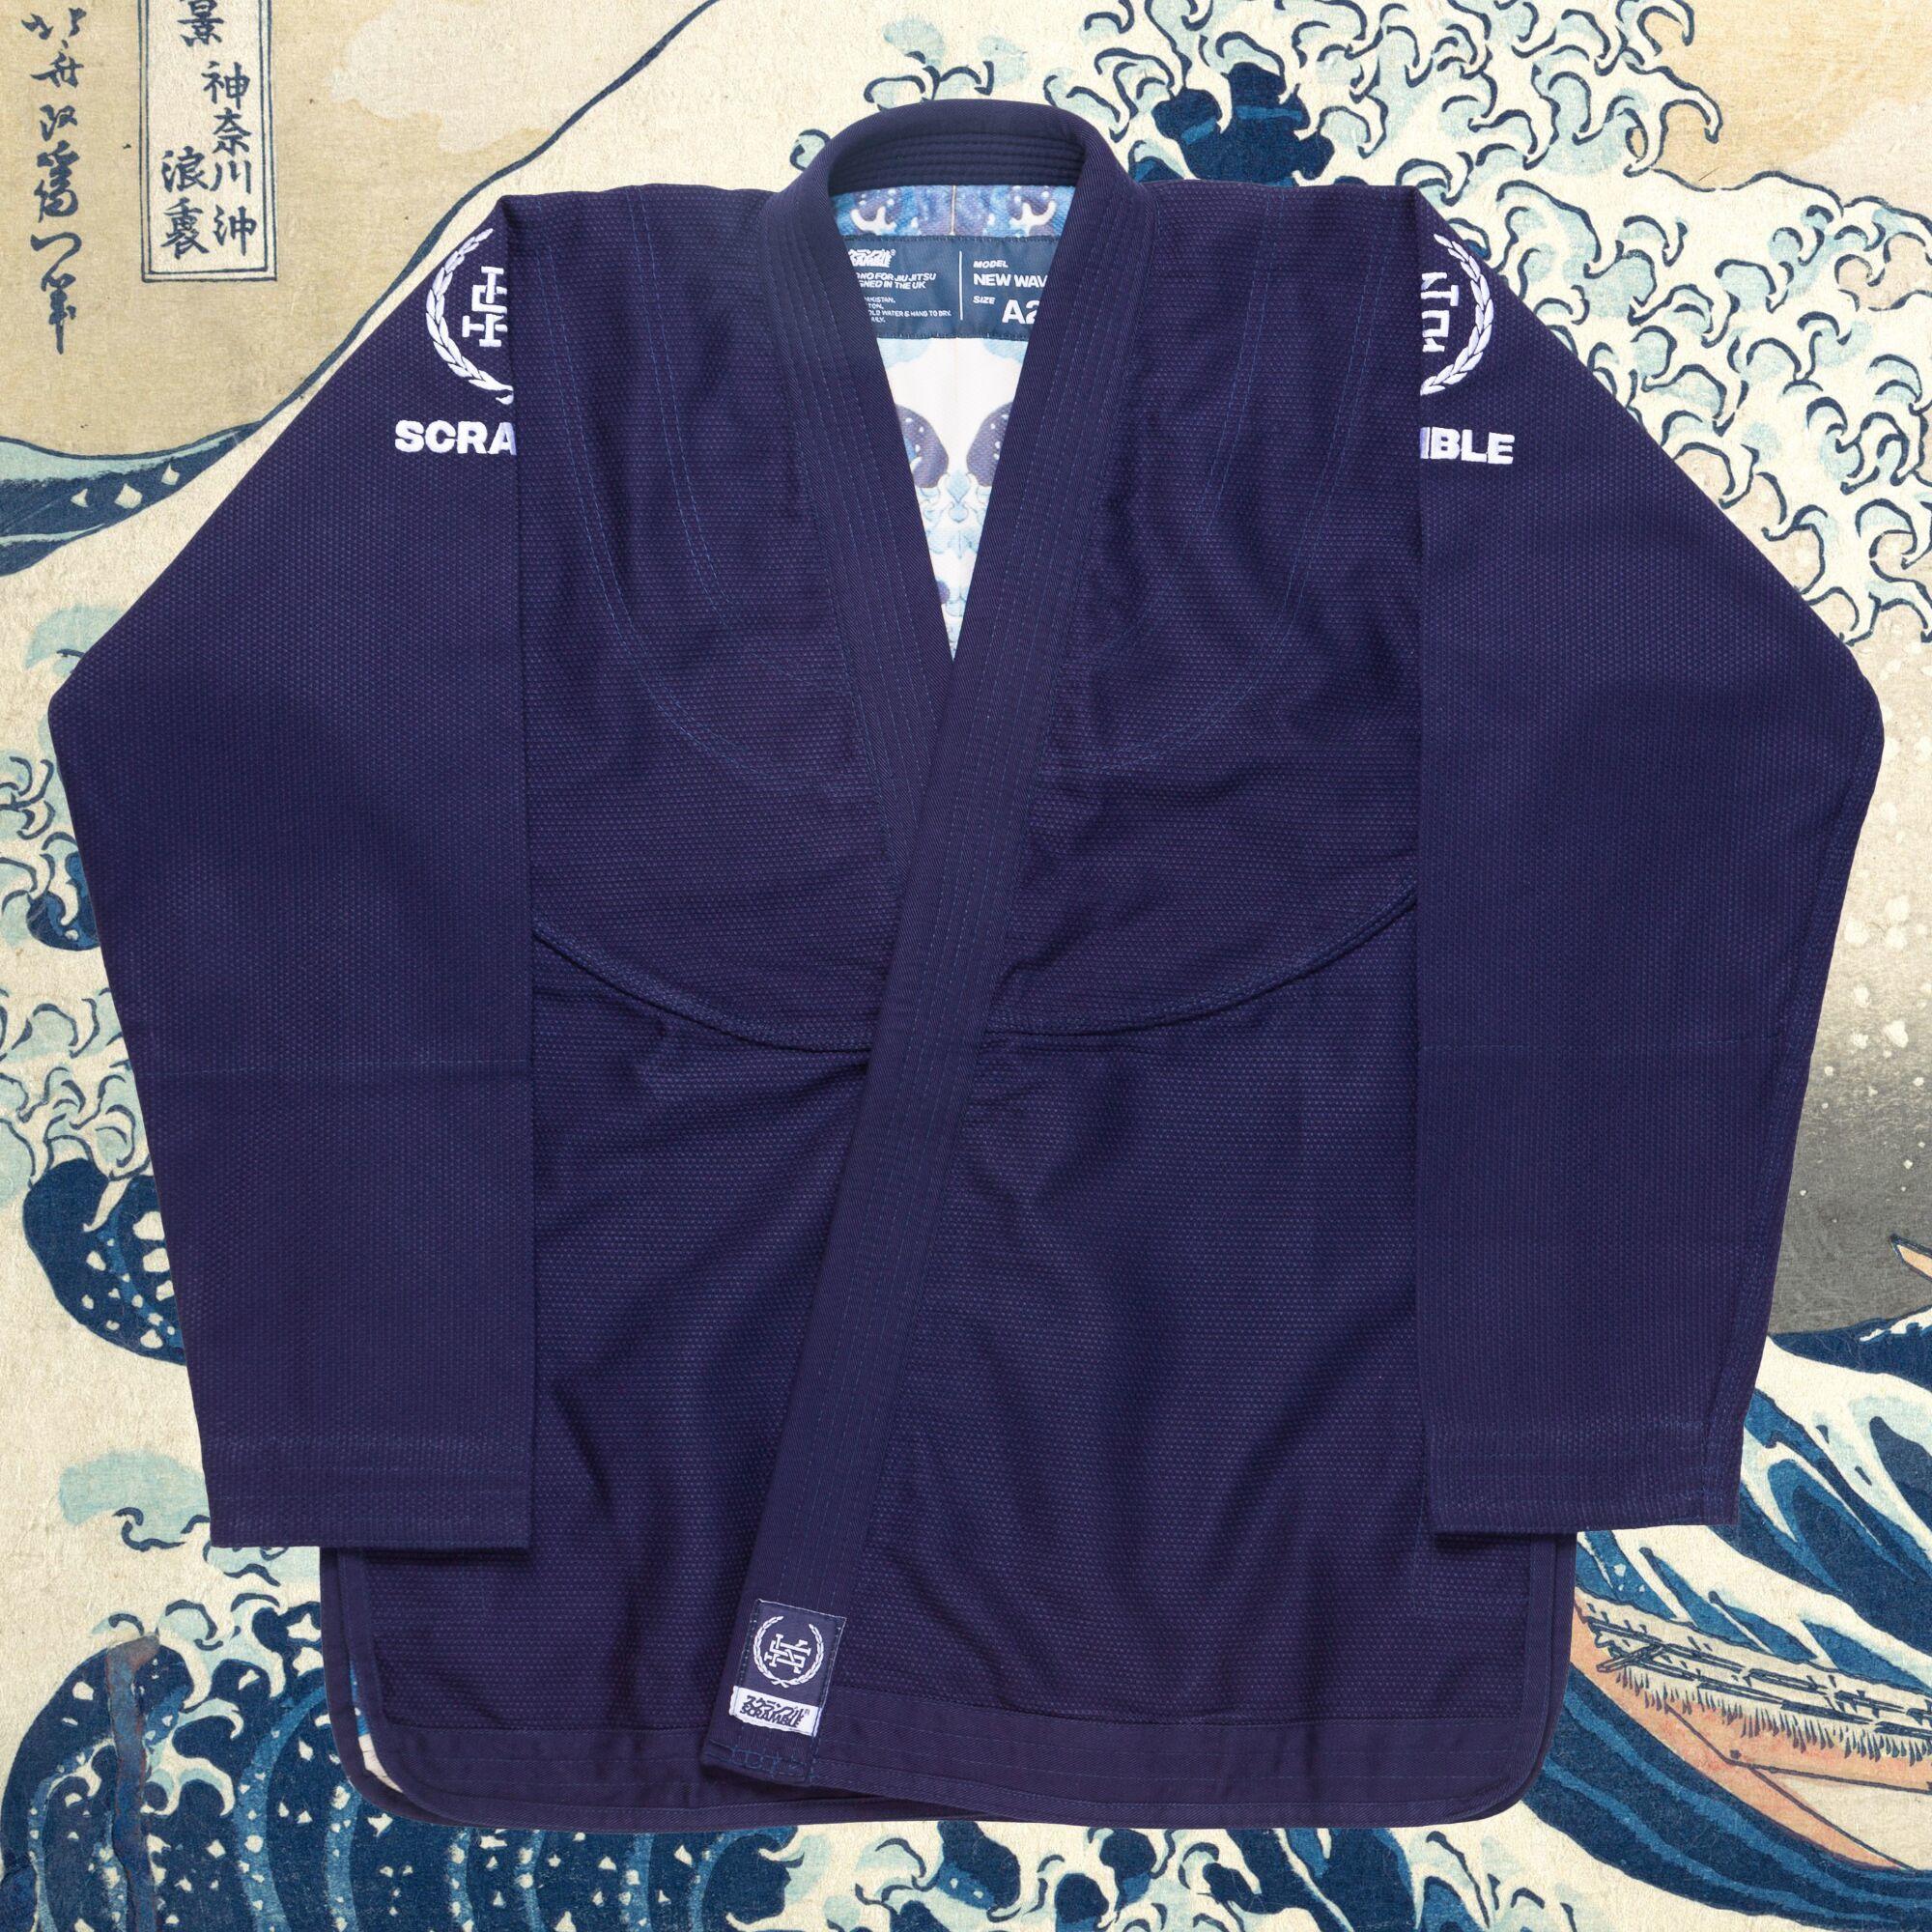 Scramble New Wave BJJ Kimono ネイヴィー|ブラジリアン柔術衣